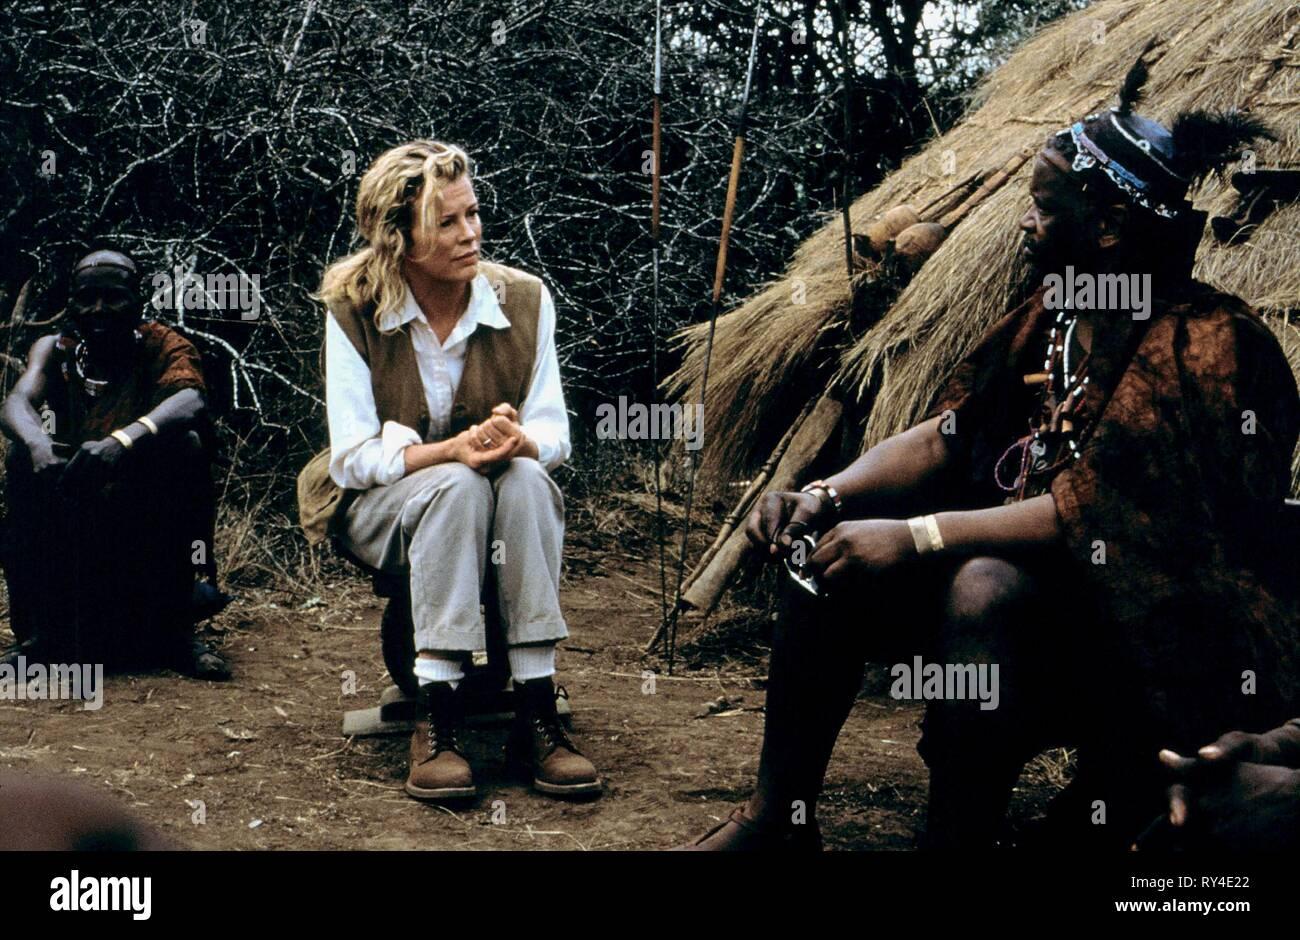 KIM BASINGER, I DREAMED OF AFRICA, 2000 - Stock Image